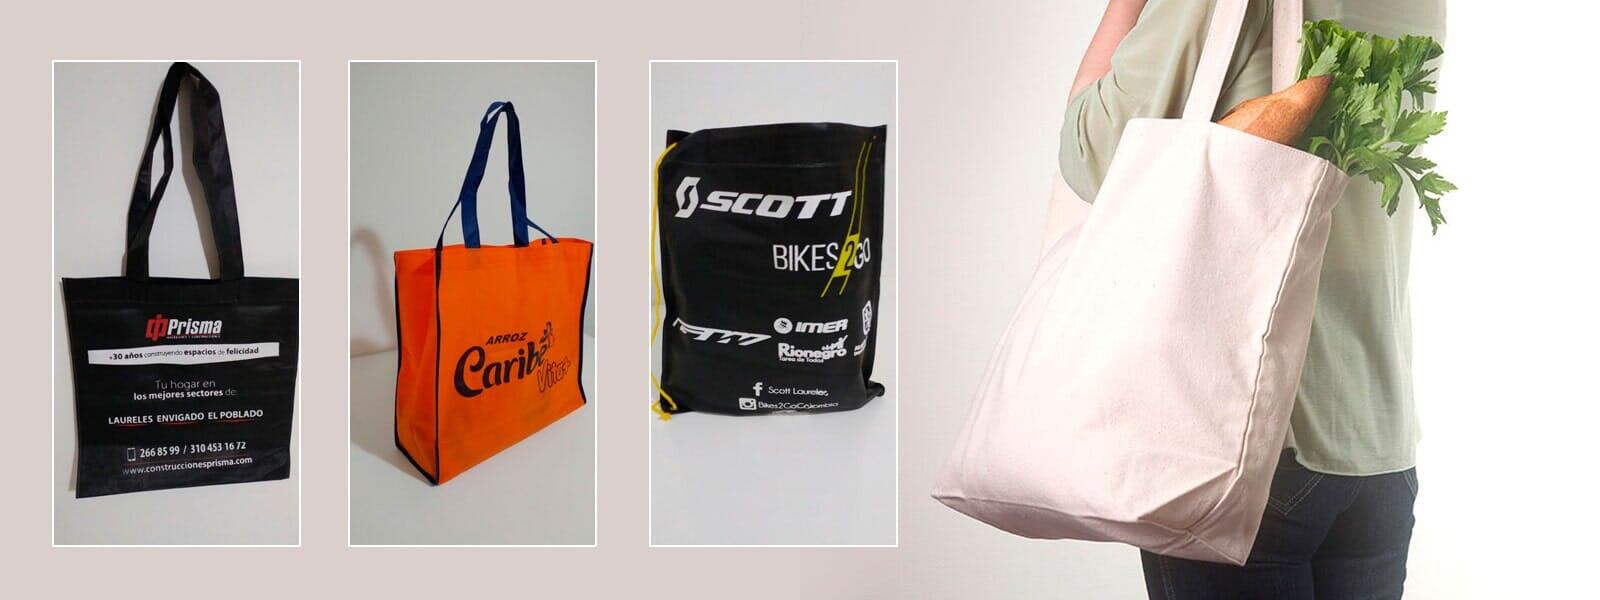 2034ec221 Ecobag - Bolsas 100% ecológicas